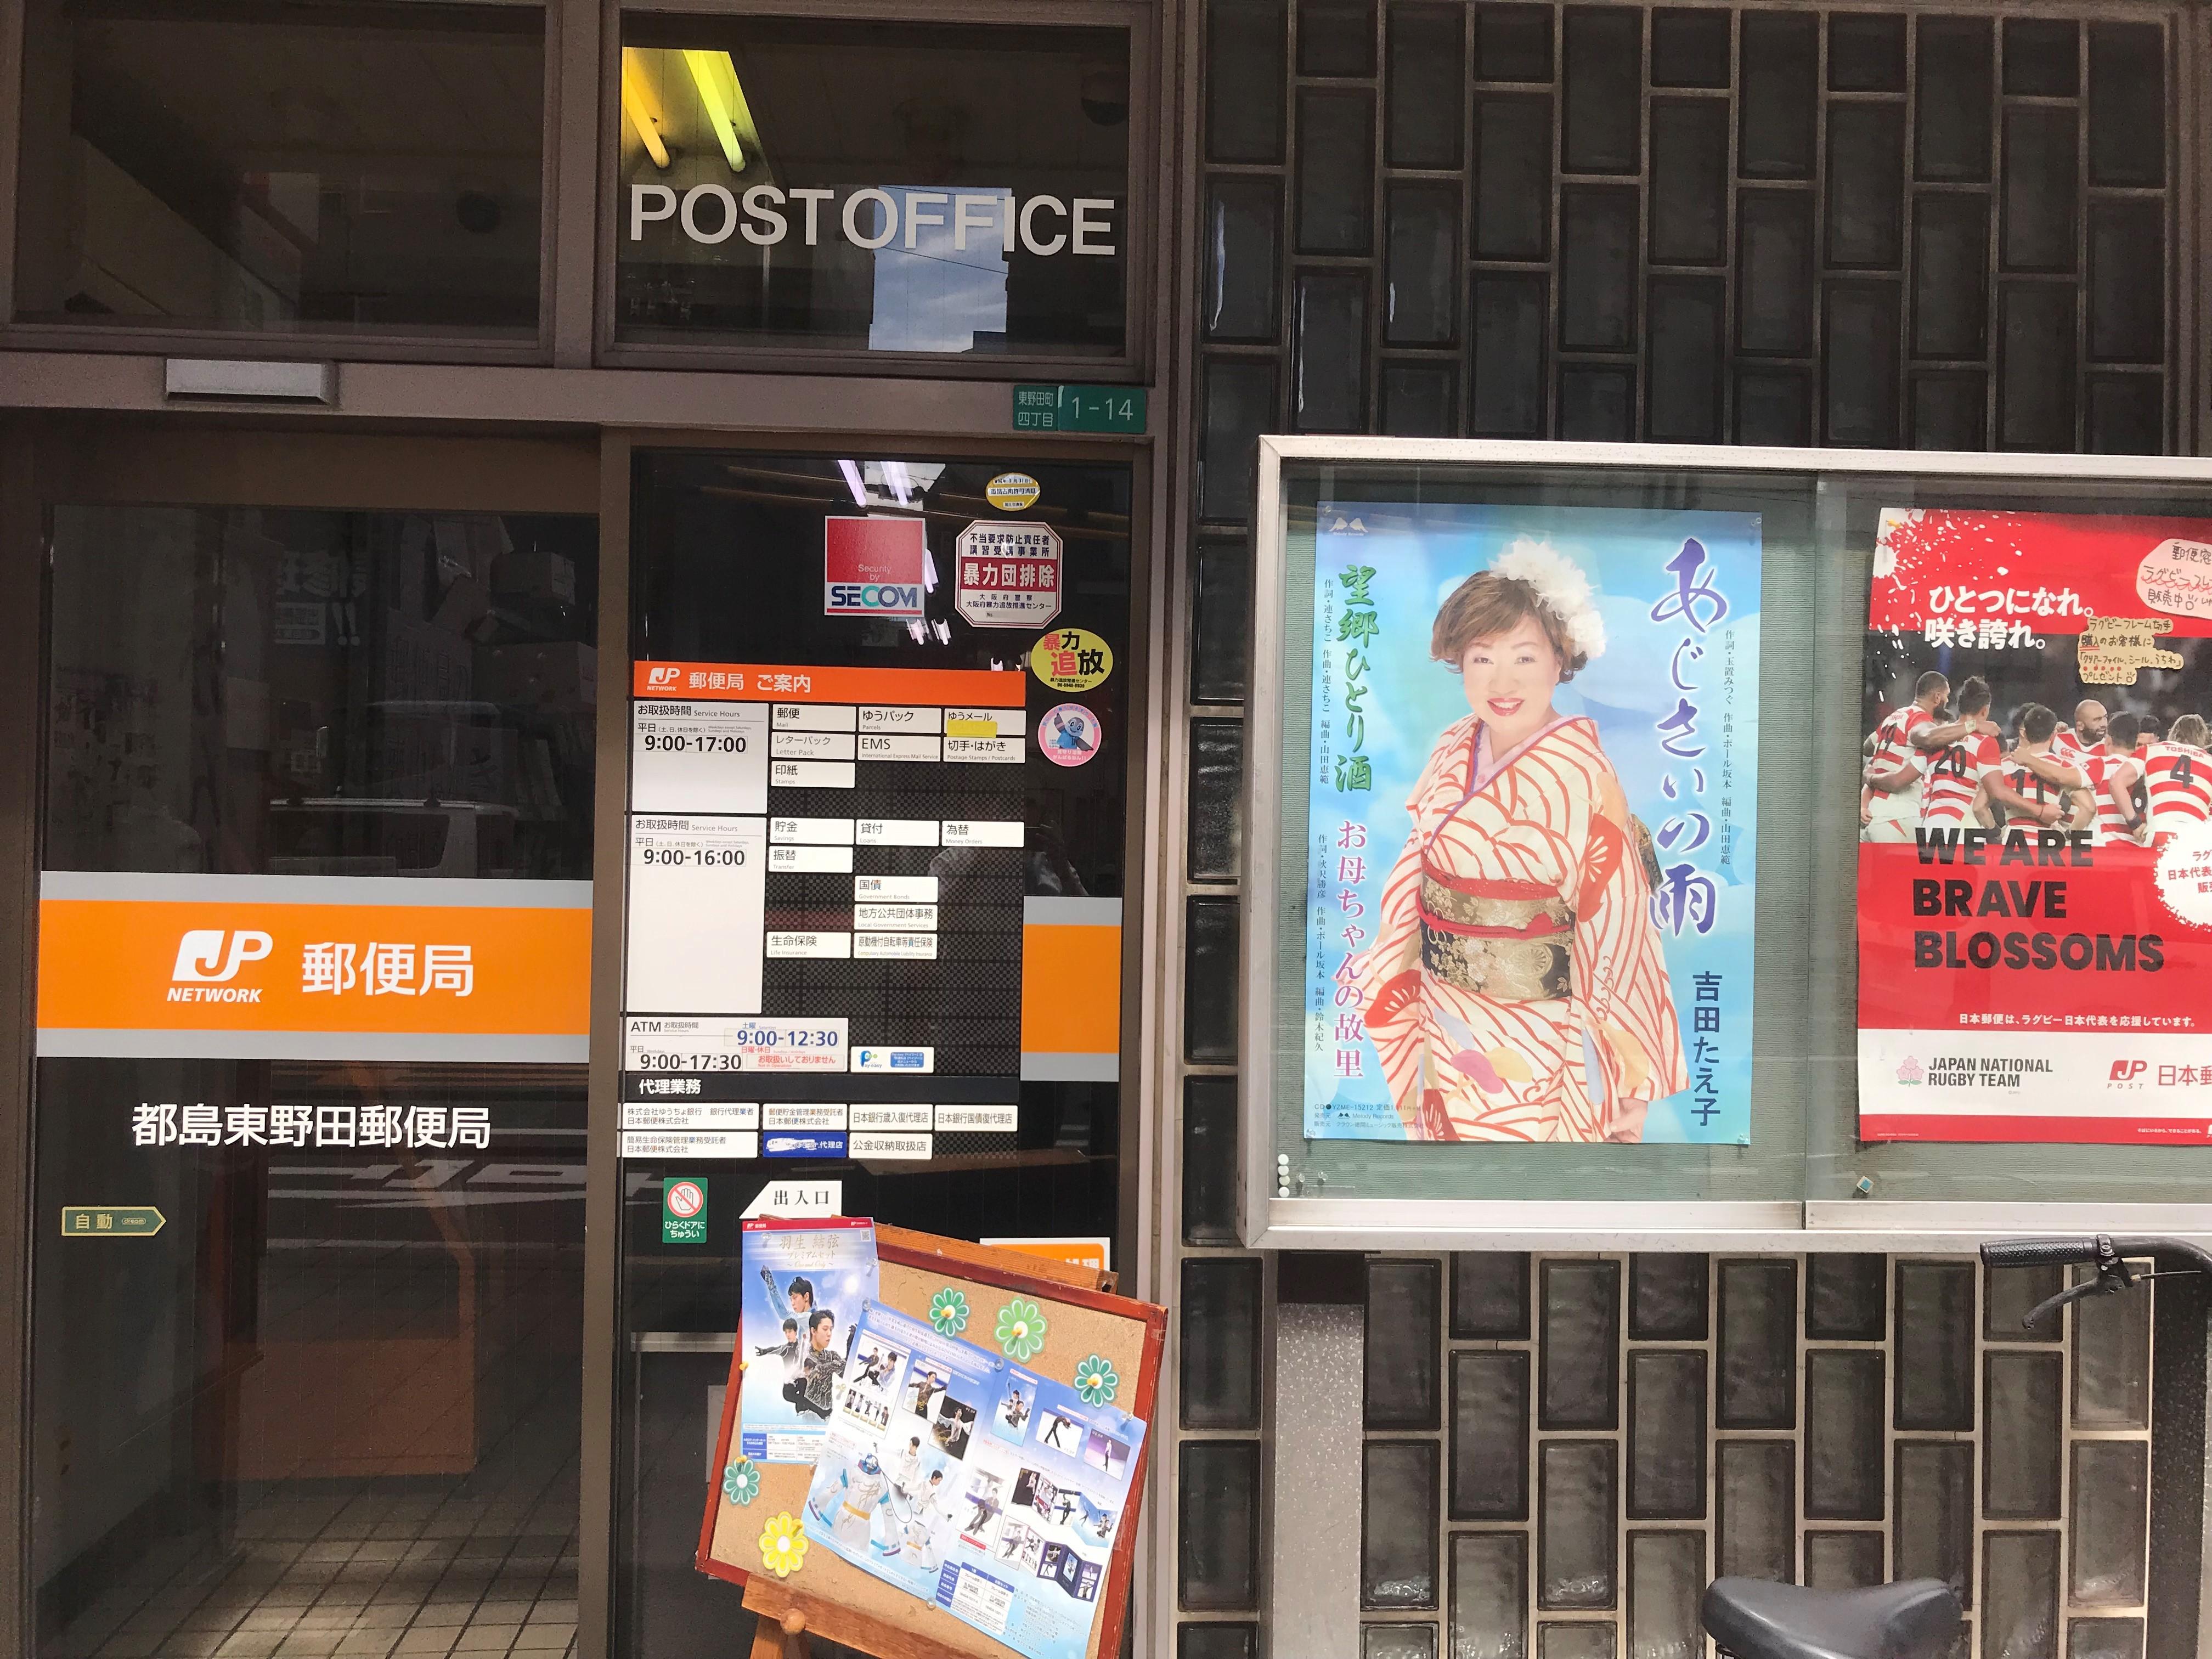 Les modes de paiements au Japon